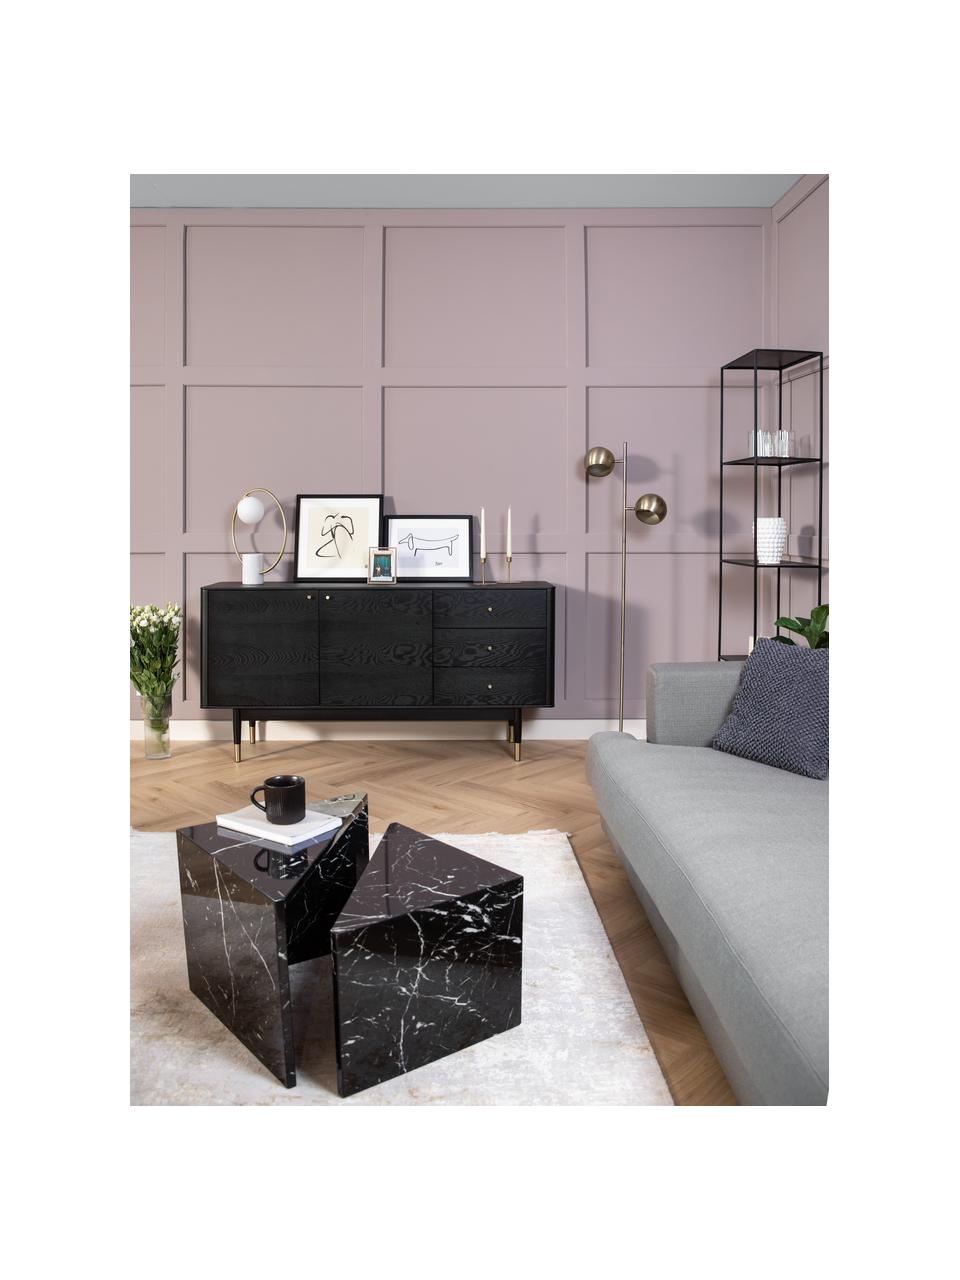 Set 2 tavolini da salotto effetto marmo Vilma, Pannello di fibre a media densità (MDF) rivestito con carta effetto marmo laccata, Nero, marmorizzato lucido, Set in varie misure